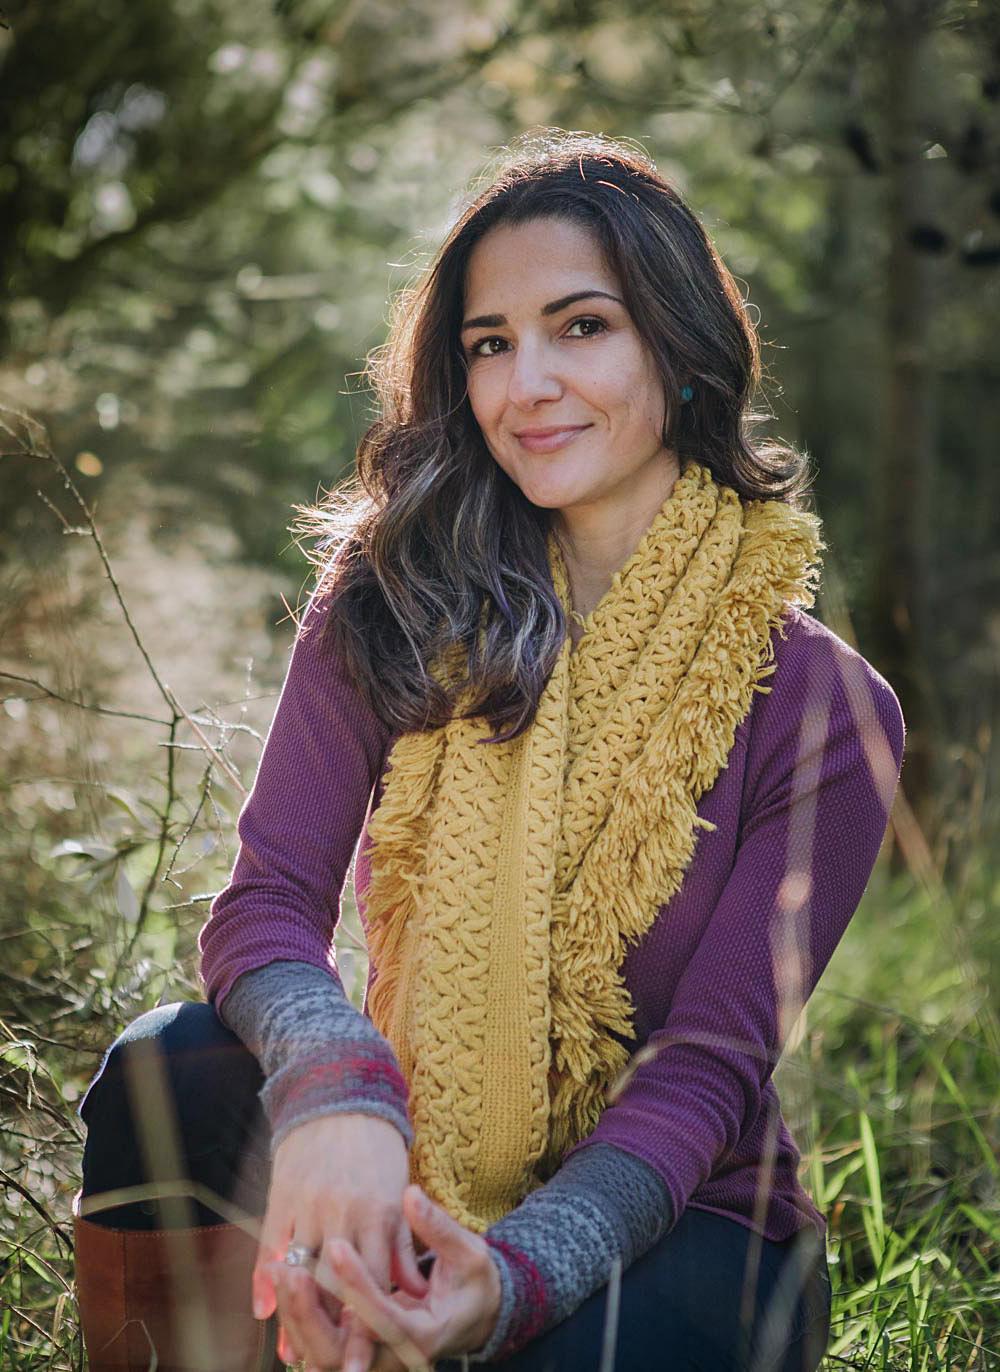 Vicky Palmieri